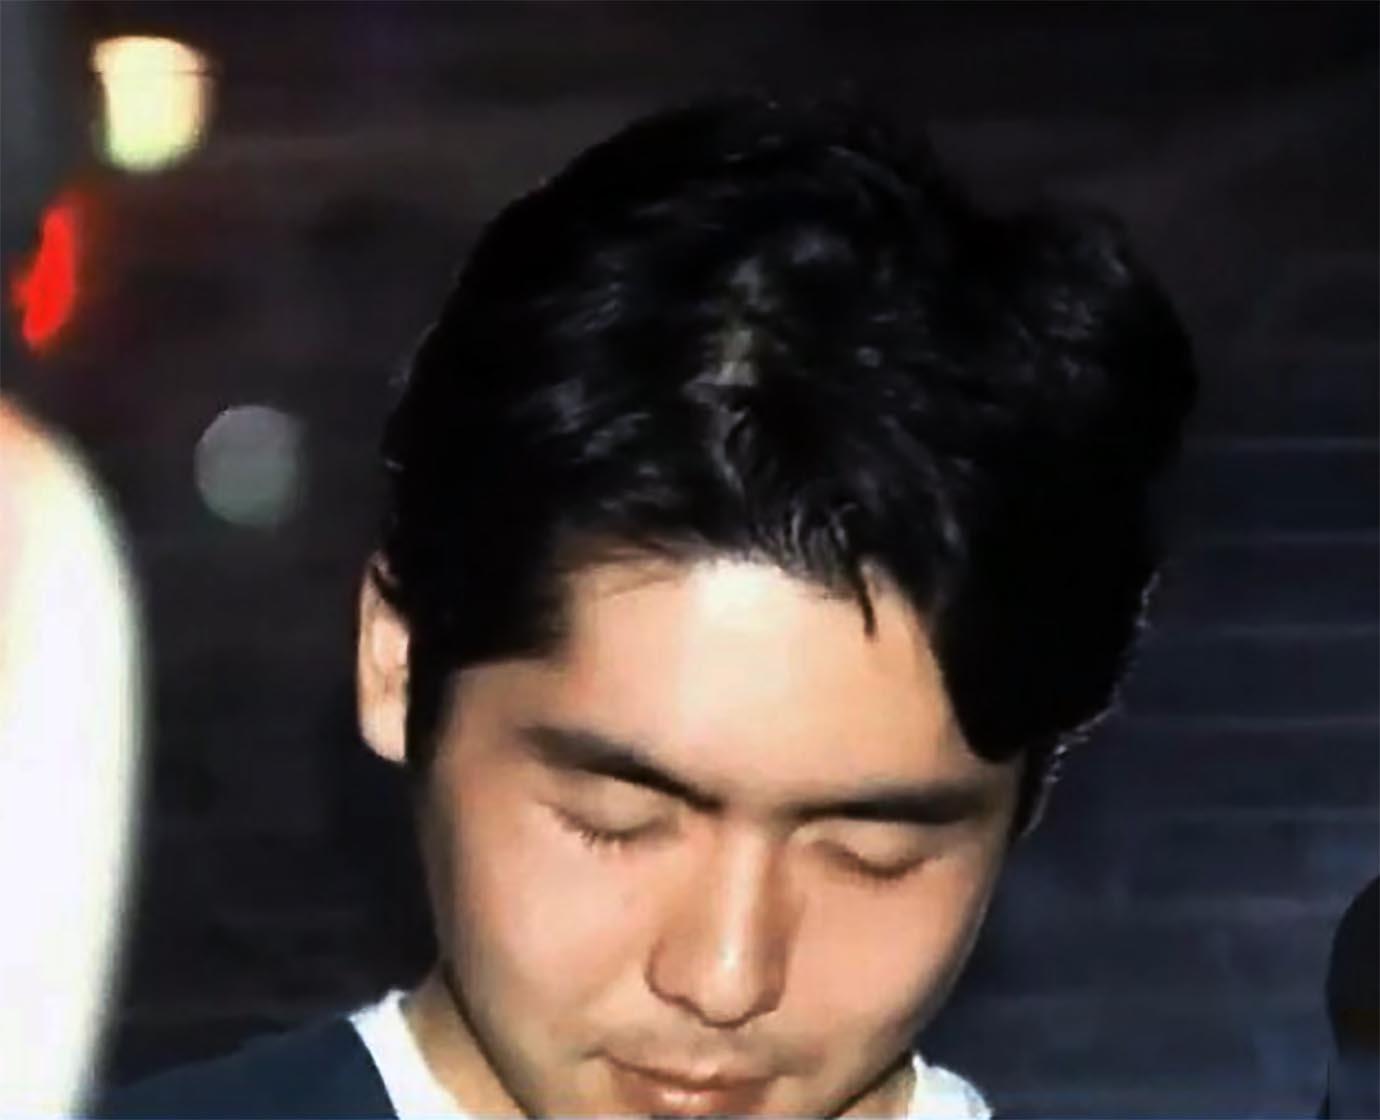 【残虐行為】新潟女児殺害事件の小林遼容疑者の正体と自宅住所が判明 / 23歳の電気工事士「女児の家から100メートル」 | バズプラスニュース  Buzz+